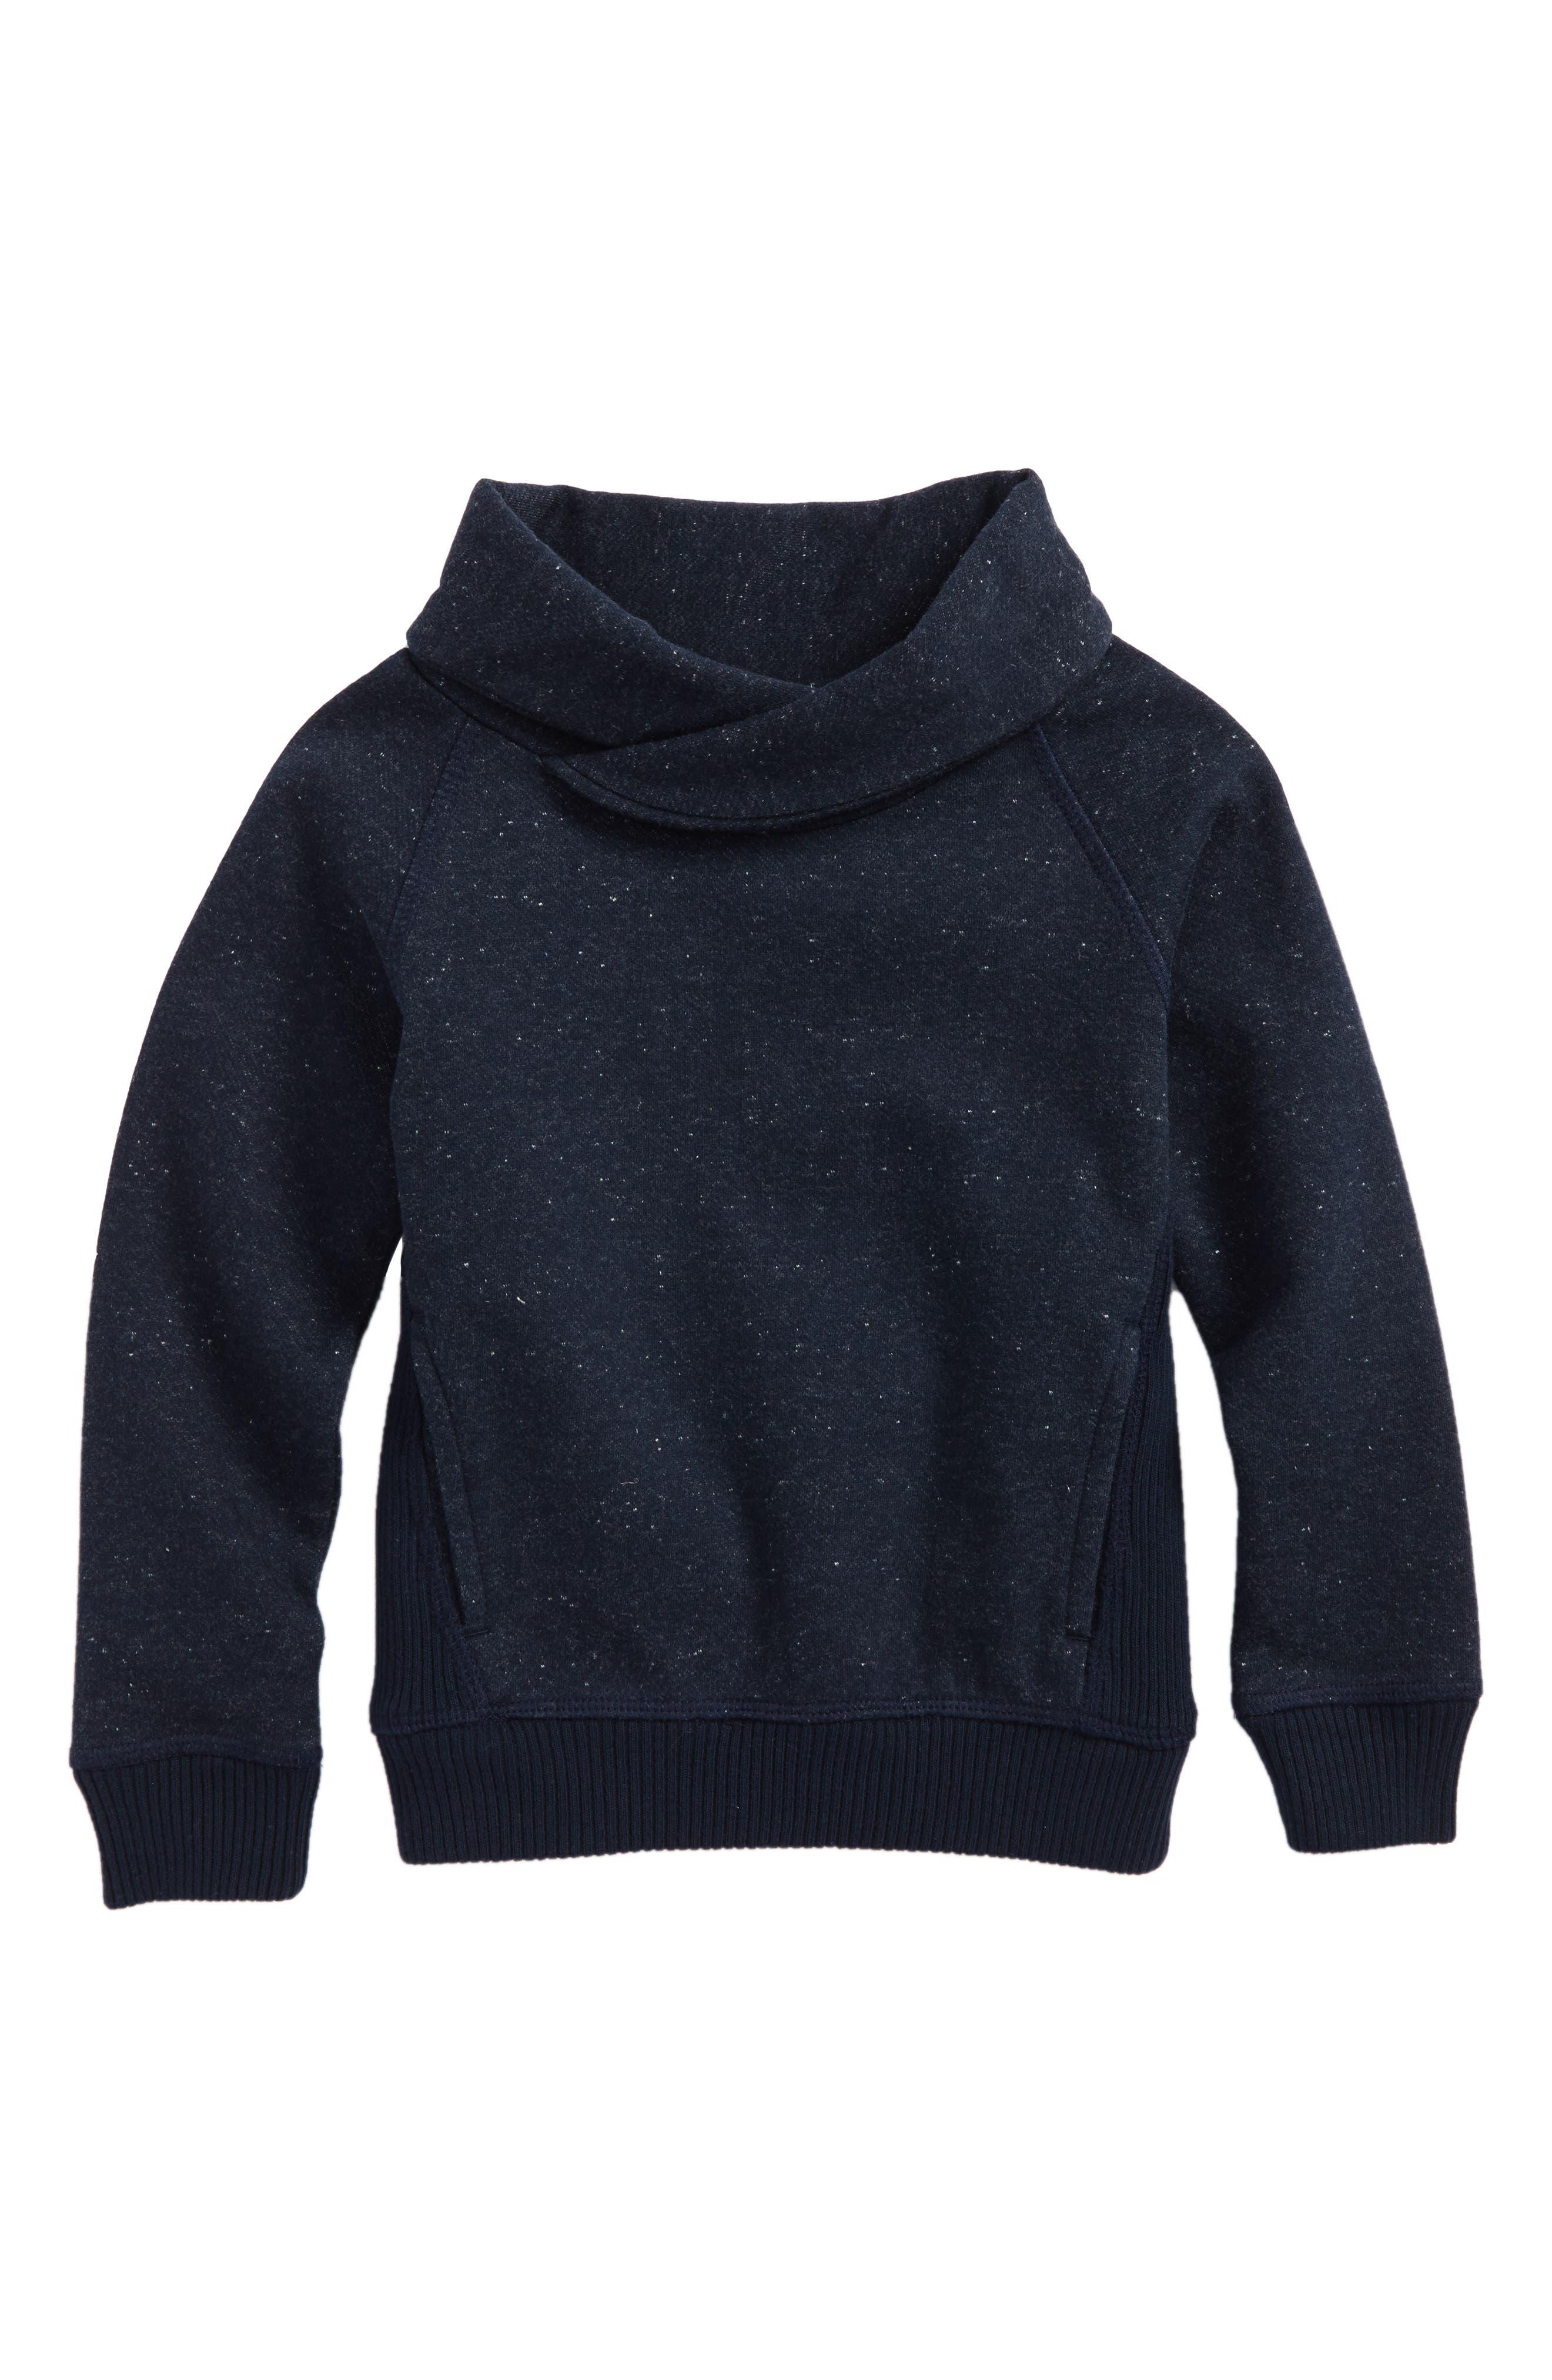 Surplice Collar Pullover,                         Main,                         color, 410